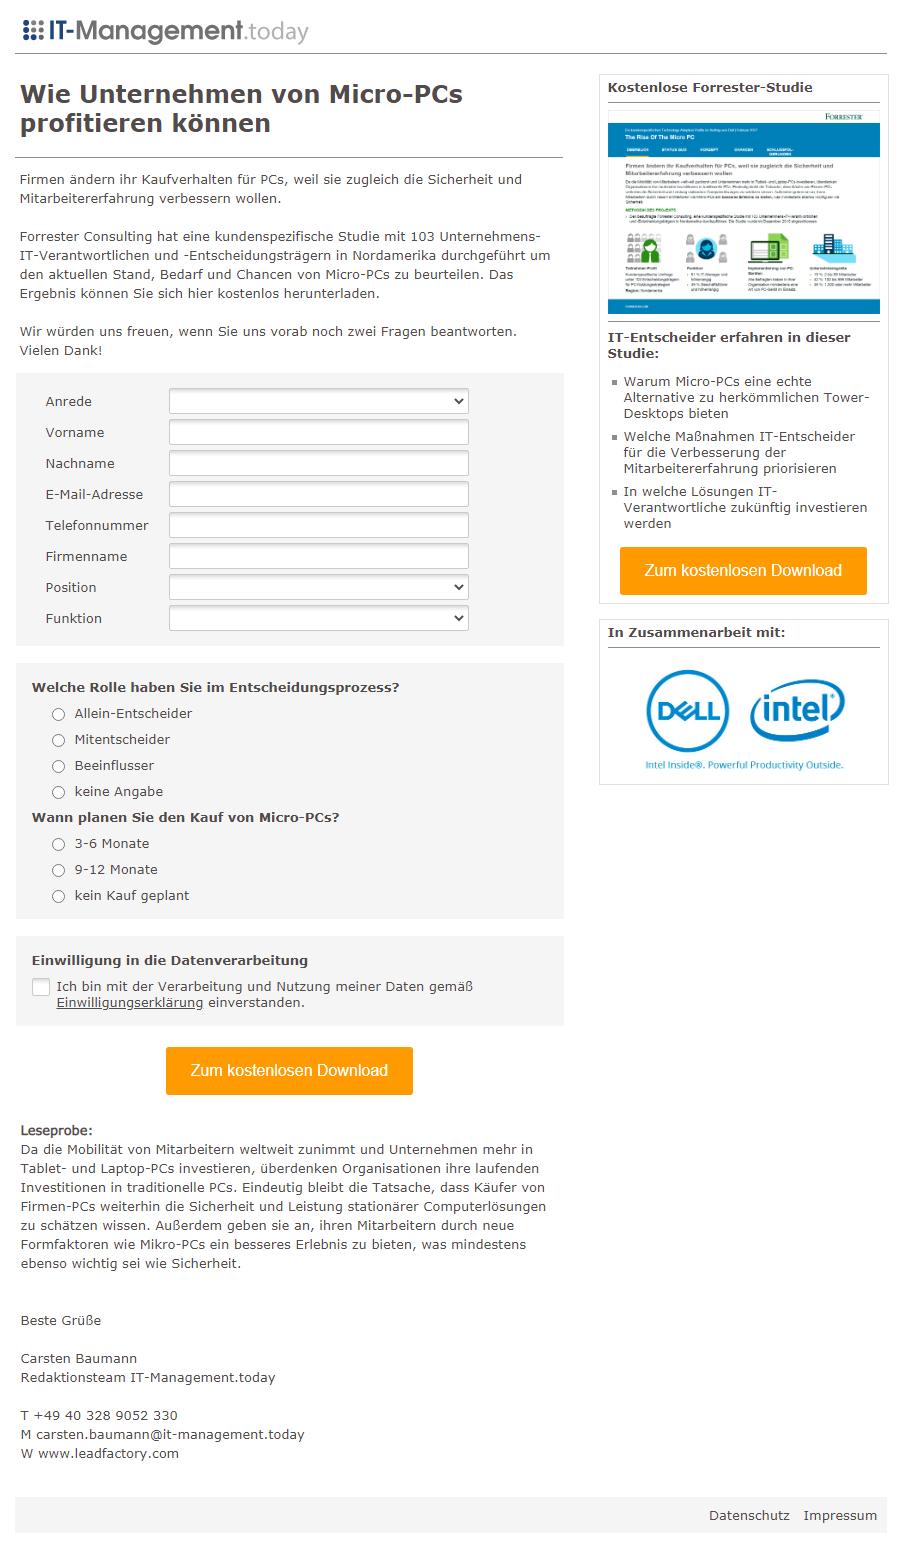 Referenzkampagne_DELL_Wie Unternehmen von Micro-PCs profitieren können